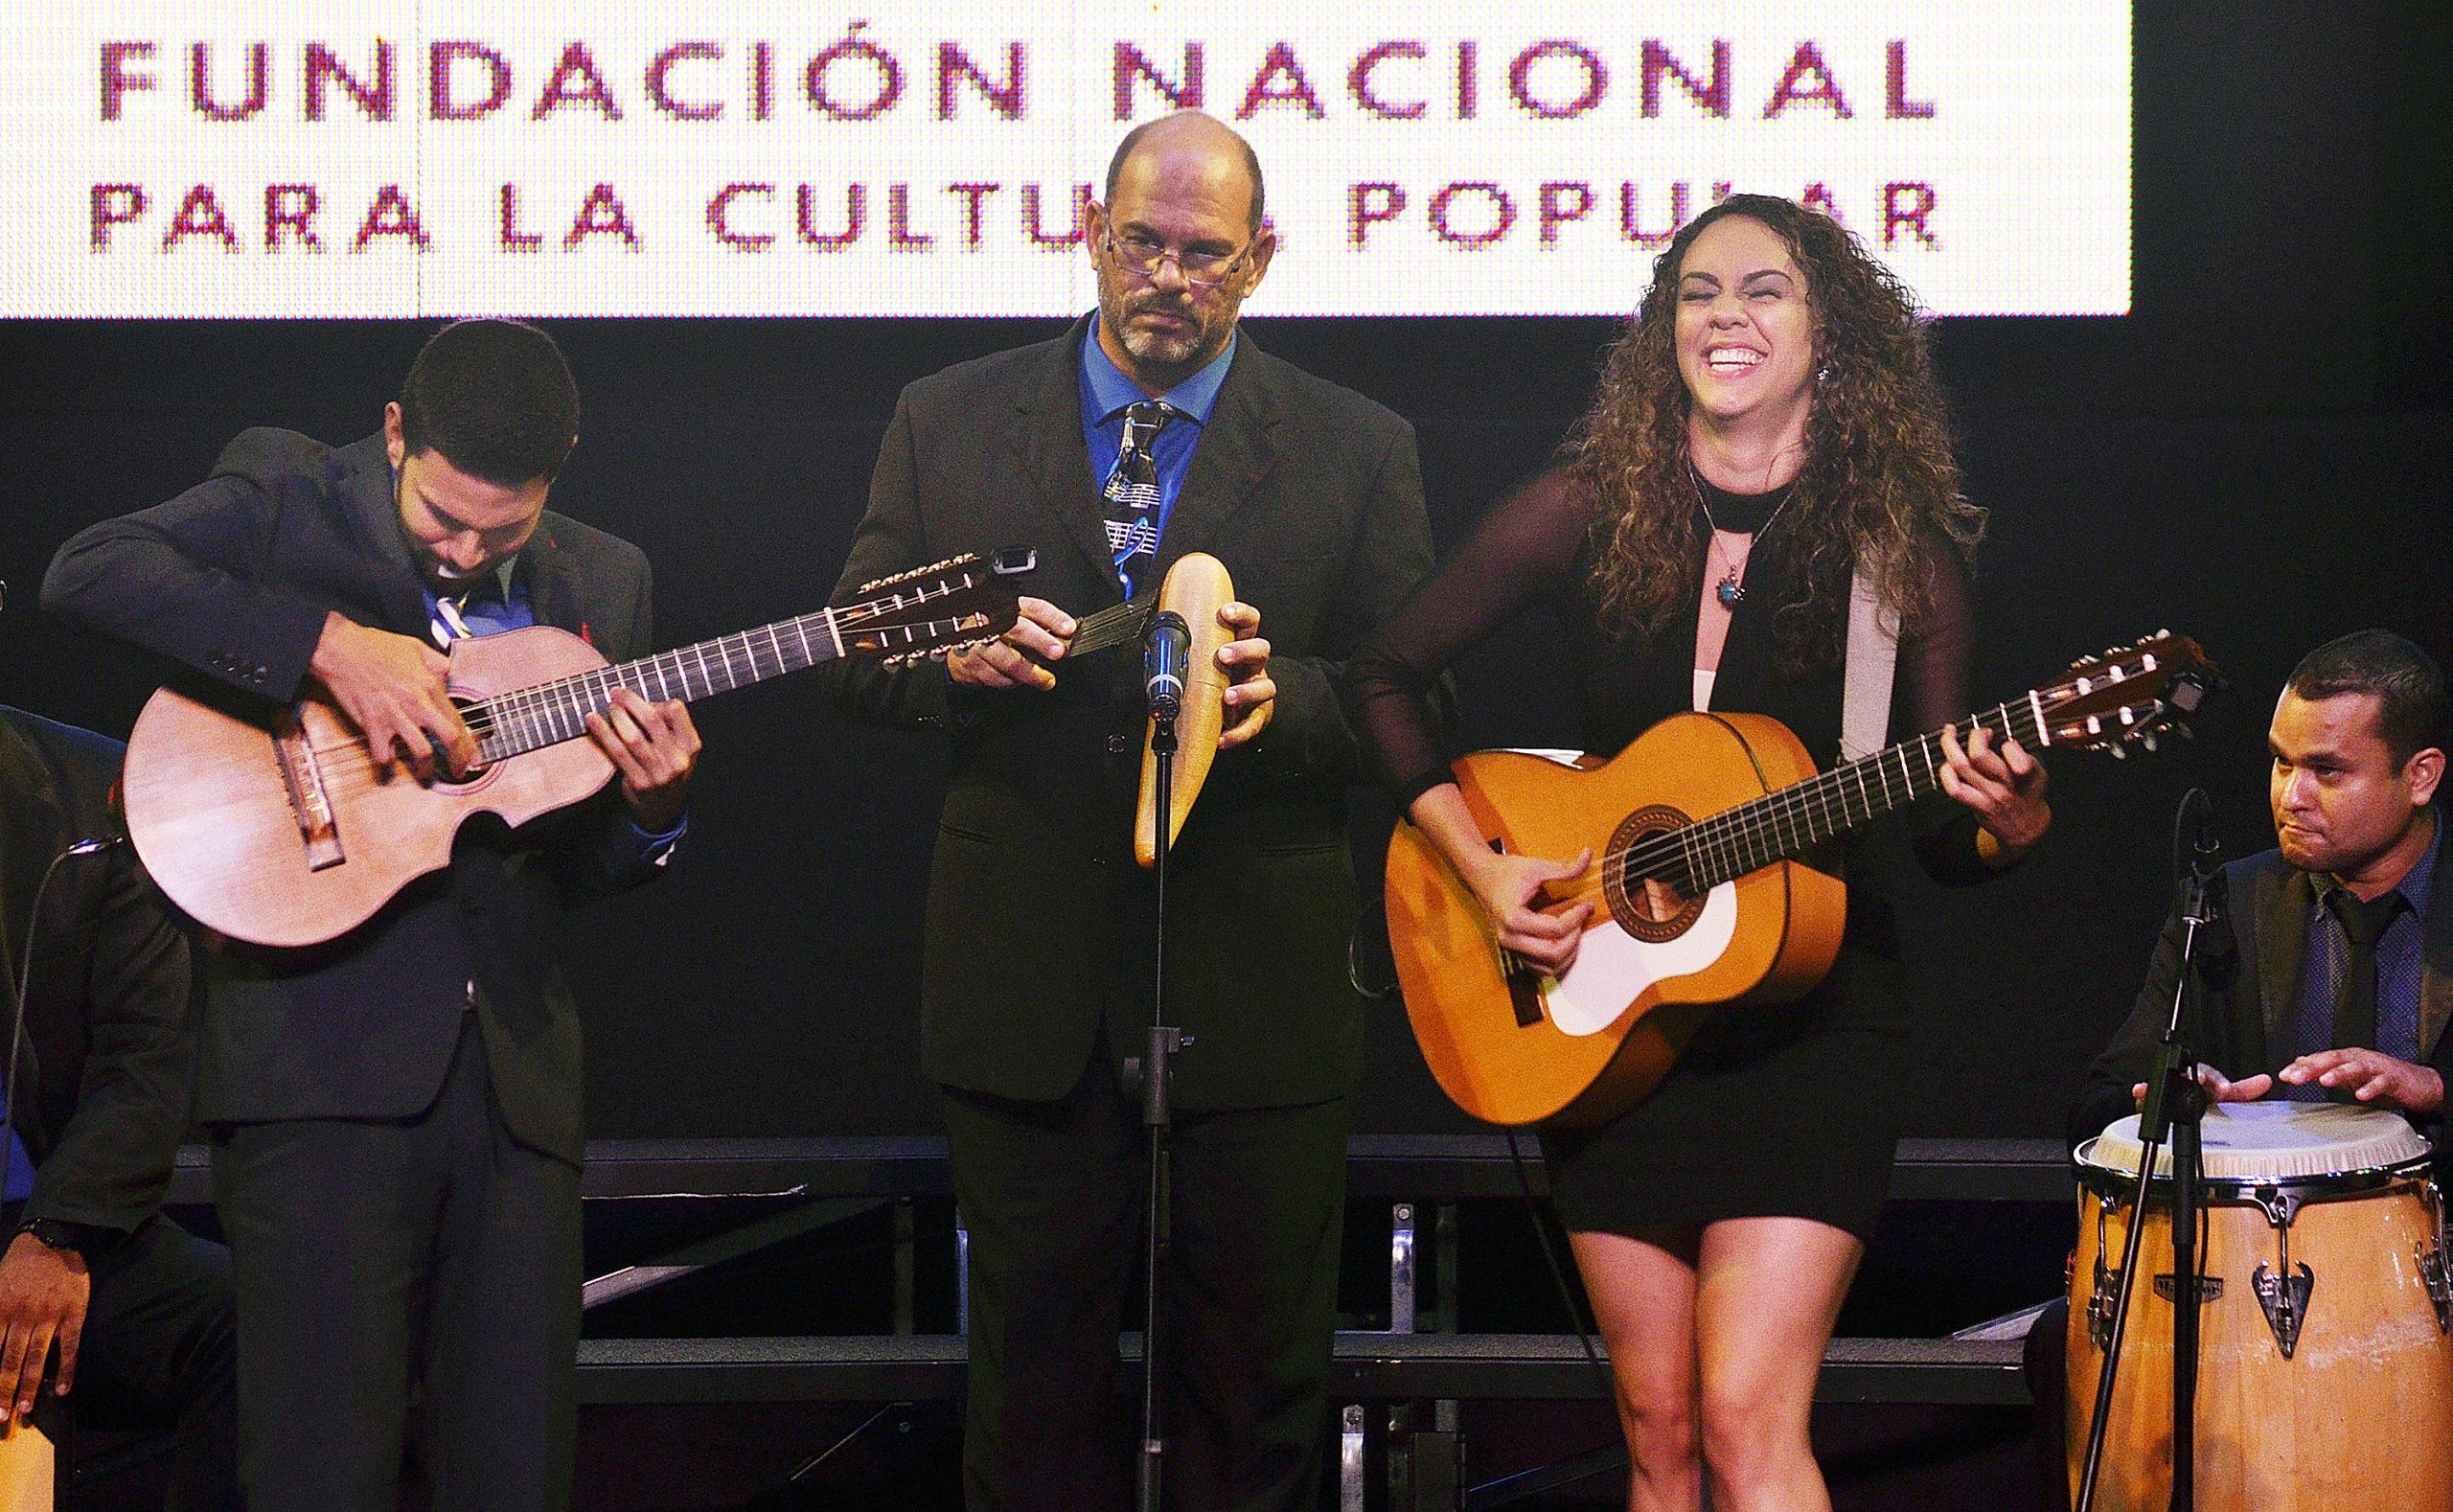 Los hermanos Sanz (Luis y Lisvette) junto a su papá (al centro) se presentan en diversos escenarios de Puerto Rico y el extranjero. (Foto).